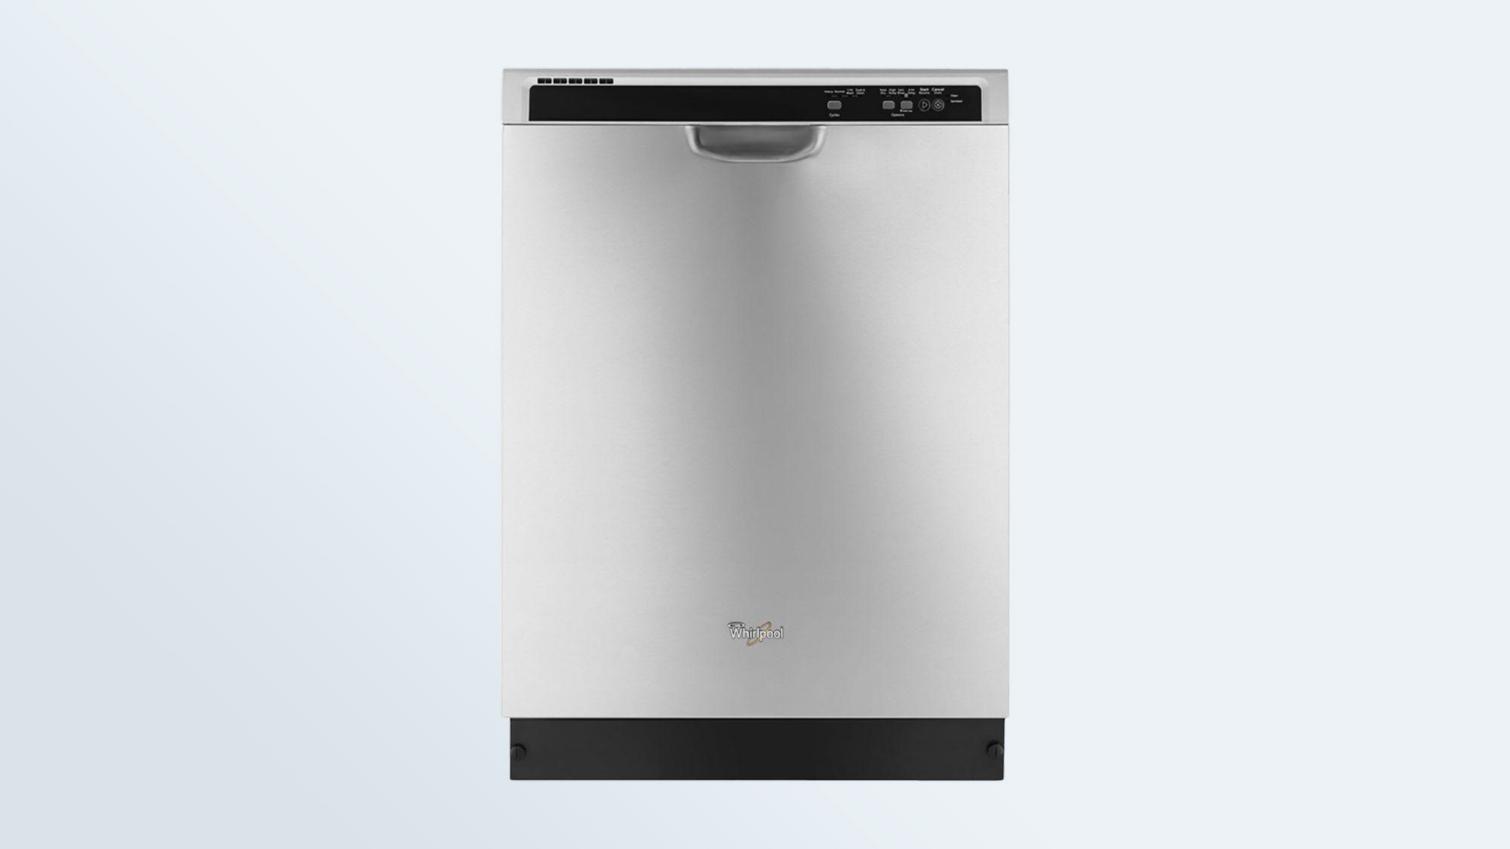 Best dishwashers: Whirlpool WDF520PADM